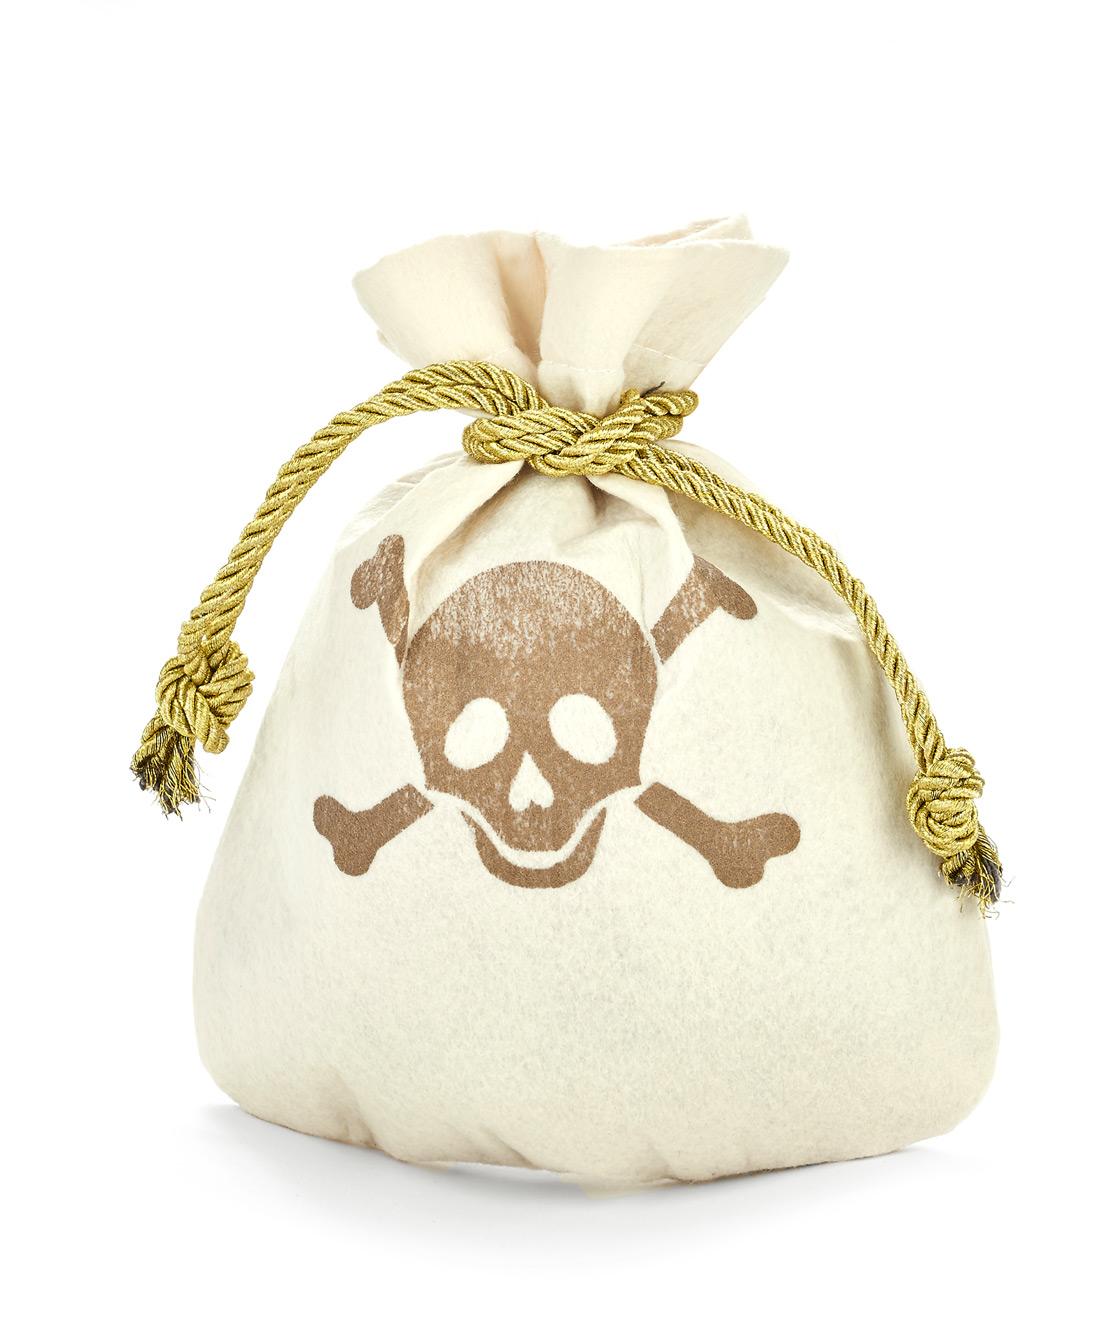 piraten beutel mit totensch del motiv piraten accessoire cremefarben gold 23x19cm g nstige. Black Bedroom Furniture Sets. Home Design Ideas